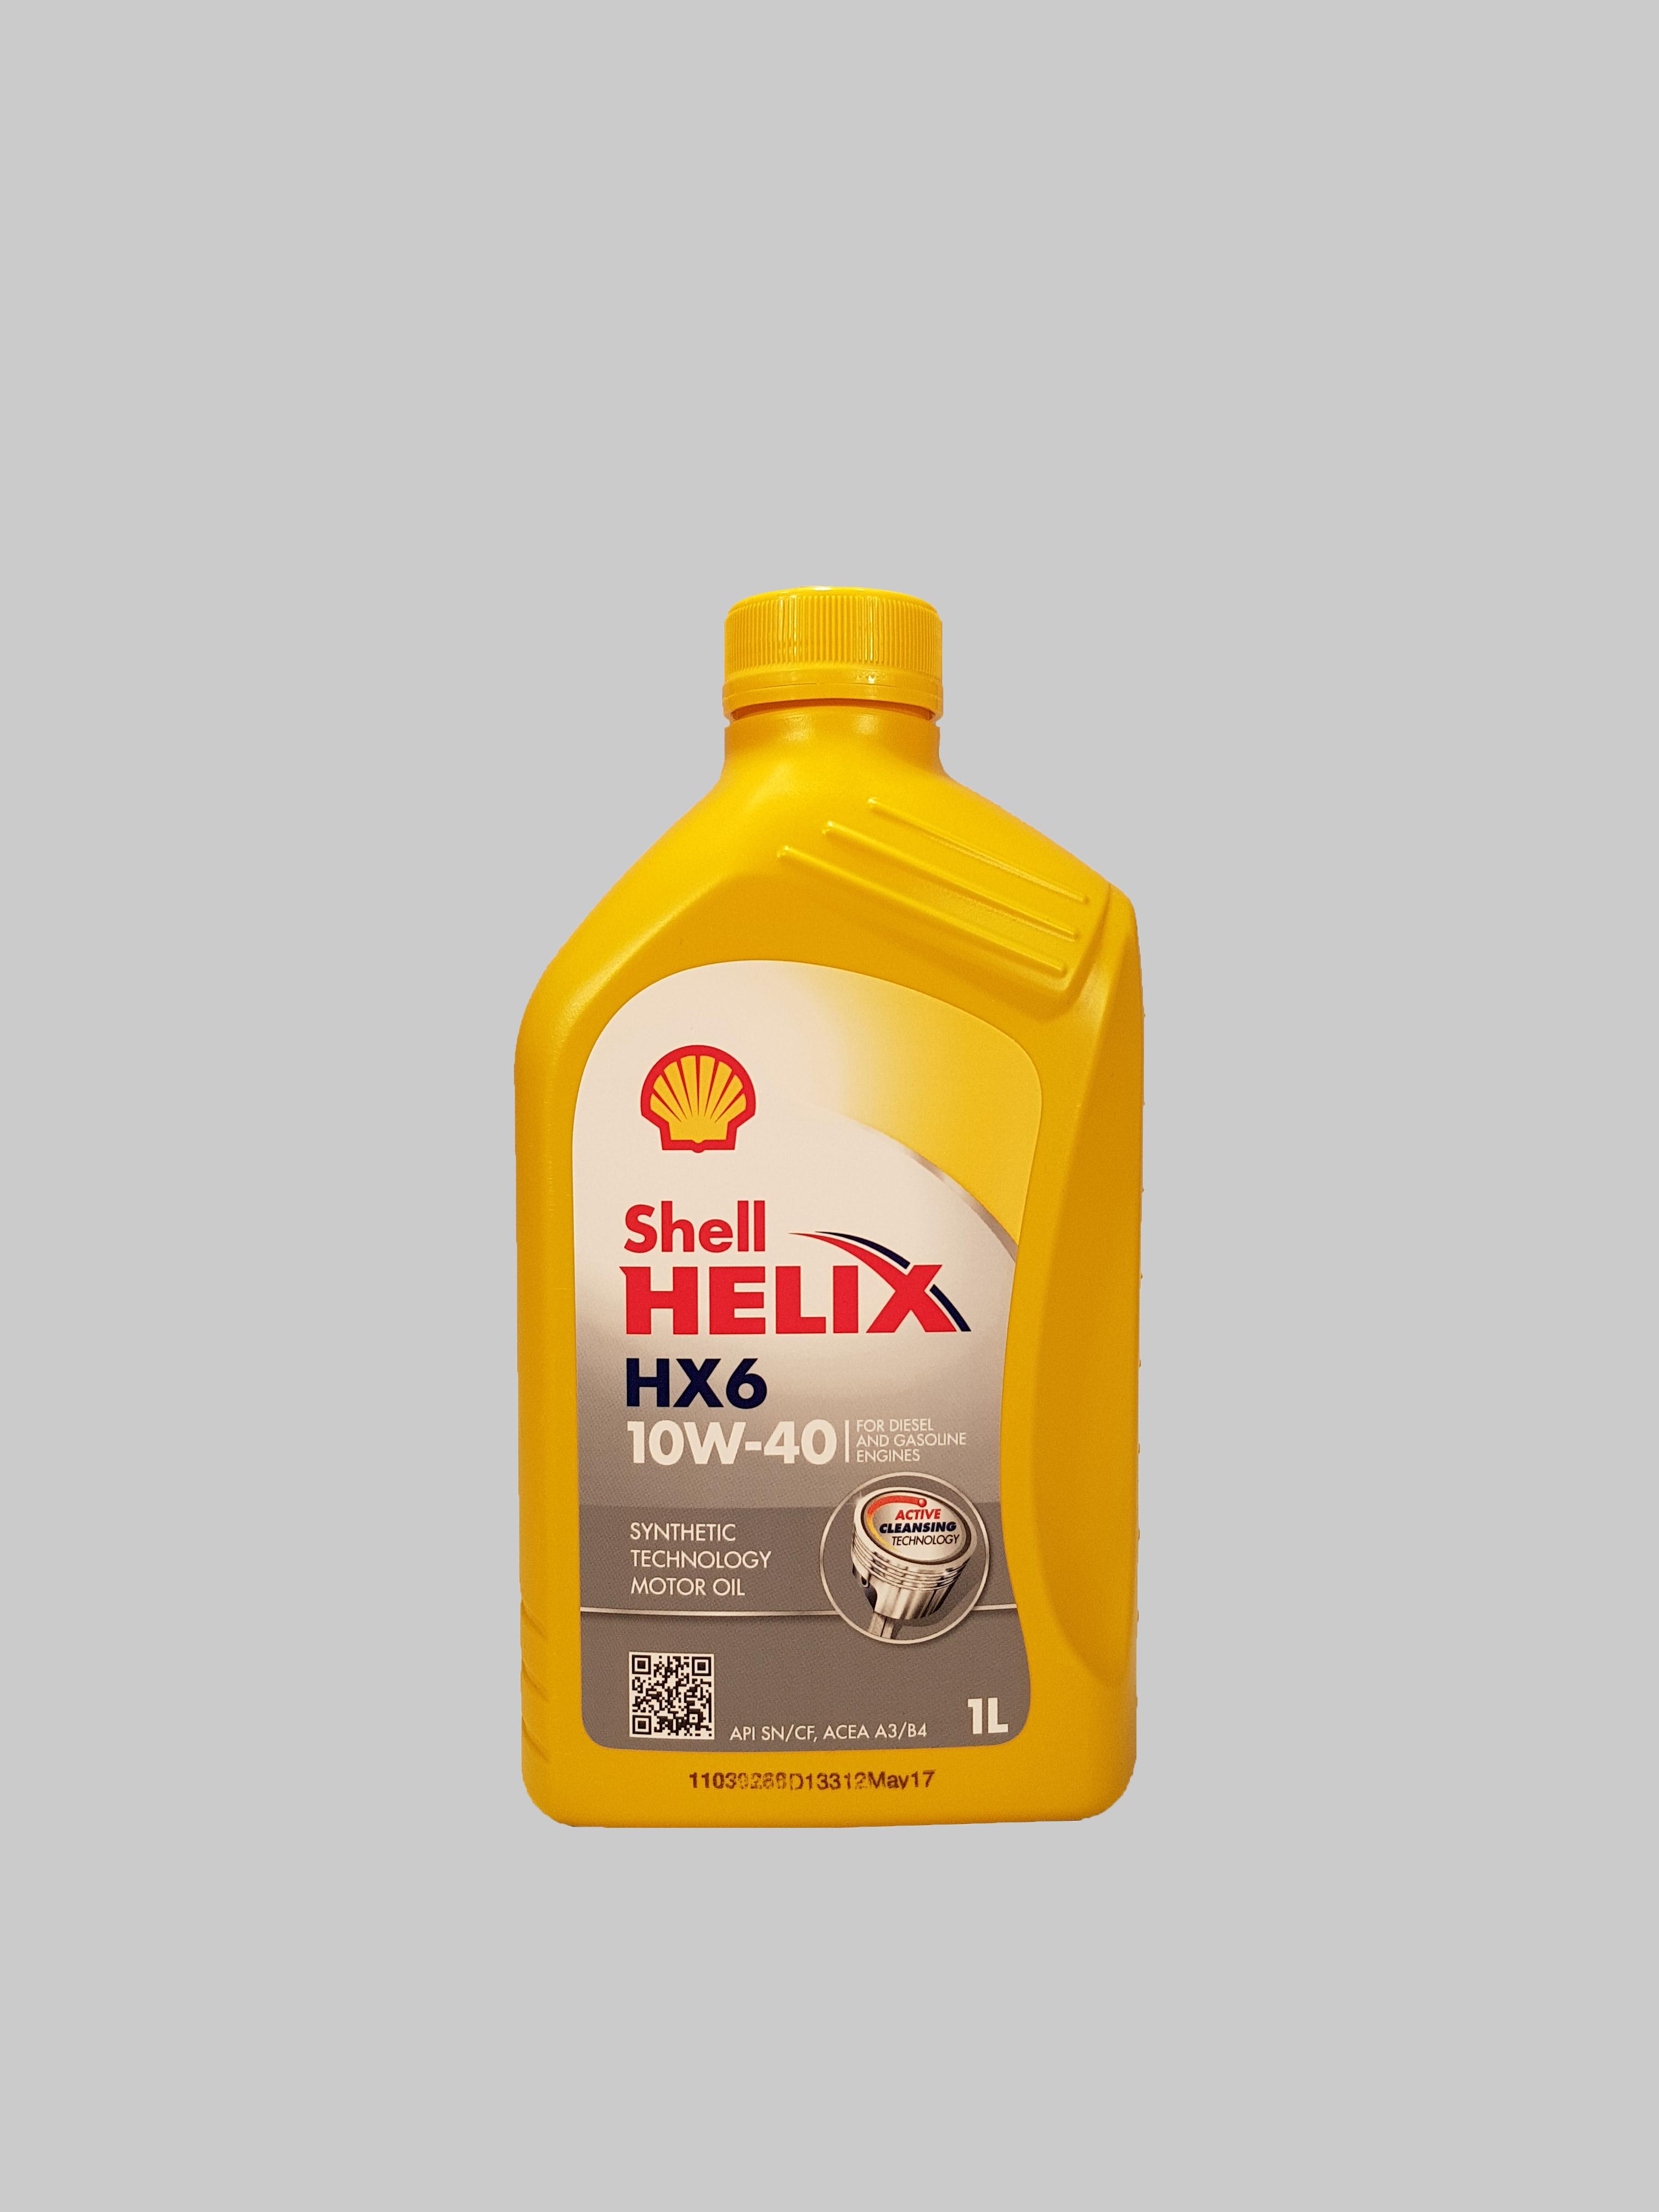 Shell Helix HX6 10W-40 1 Liter